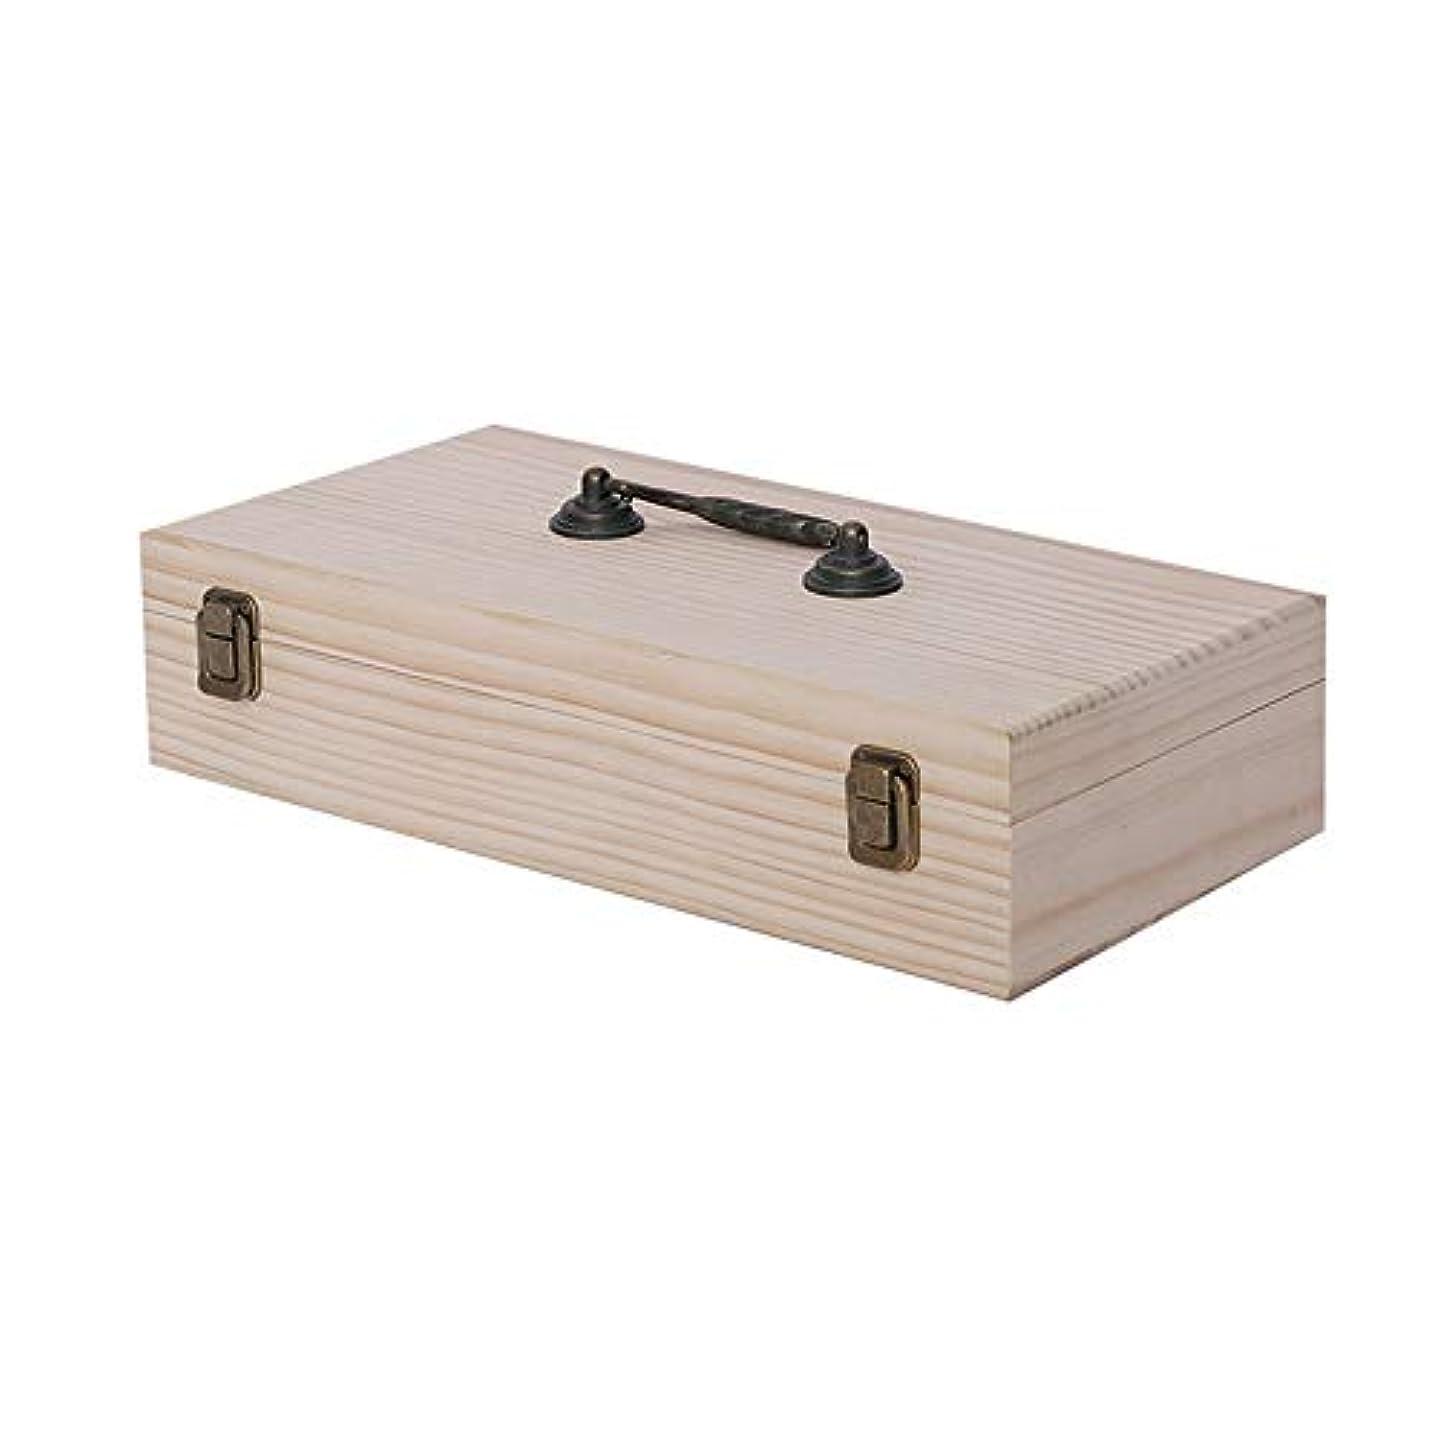 ギャザー少数カップルエッセンシャルオイル収納ボックス 46スロット木製エッセンシャルオイルボックスが収納ディスプレイの旅行プレゼンテーション用ケースオーガナイザーホルダーキャリーは、エレガントな装飾的なデザインでは5?15ミリリットルボトル...